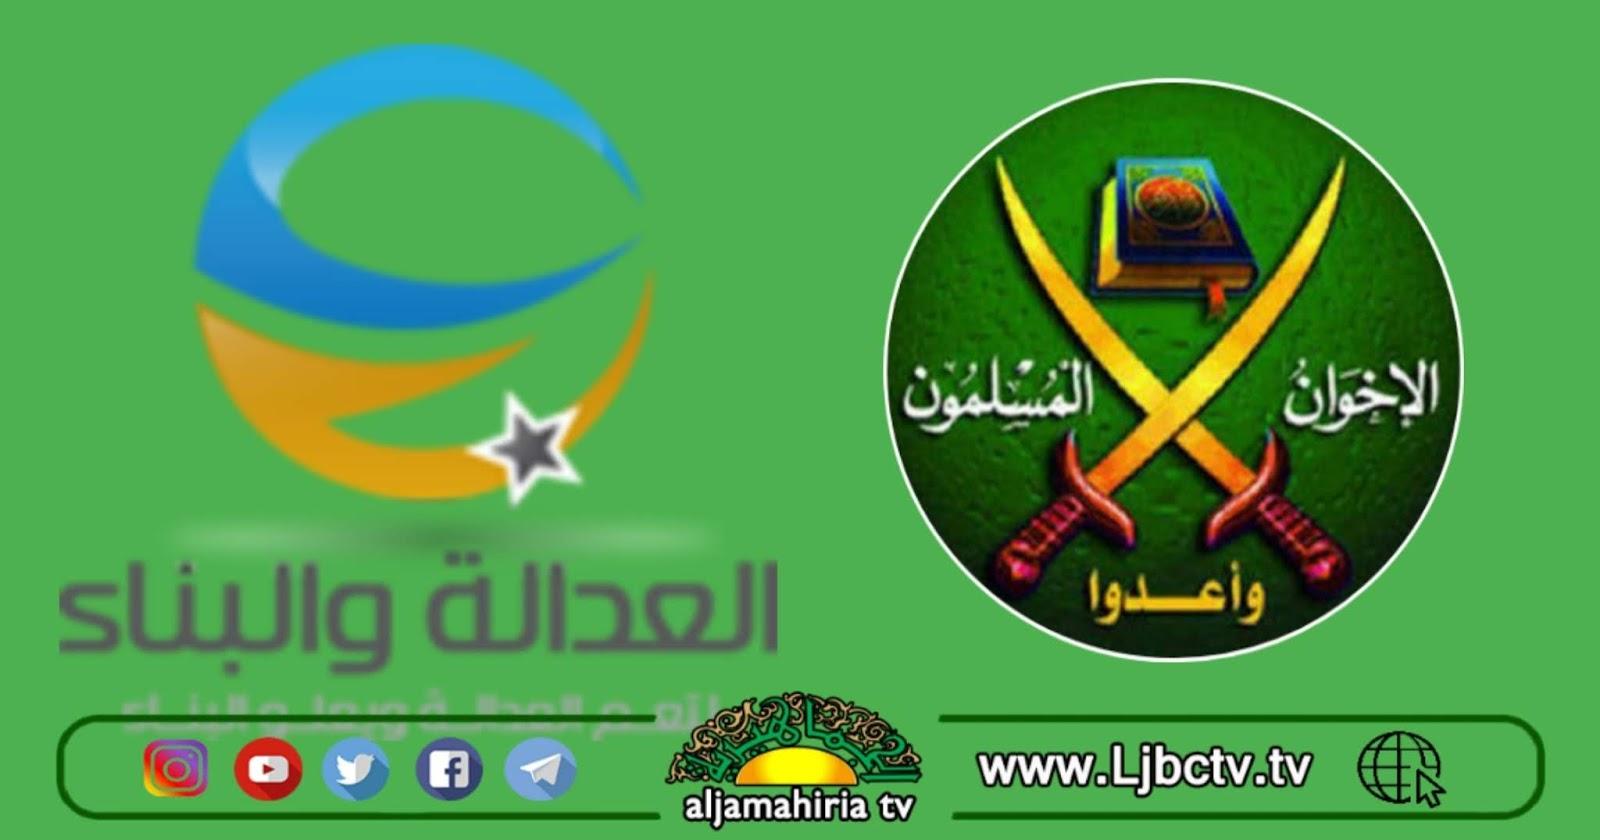 نتيجة بحث الصور عن حزب العدالة والبناء، الذراع السياسي لجماعة الإخوان المسلمين في ليبيا،